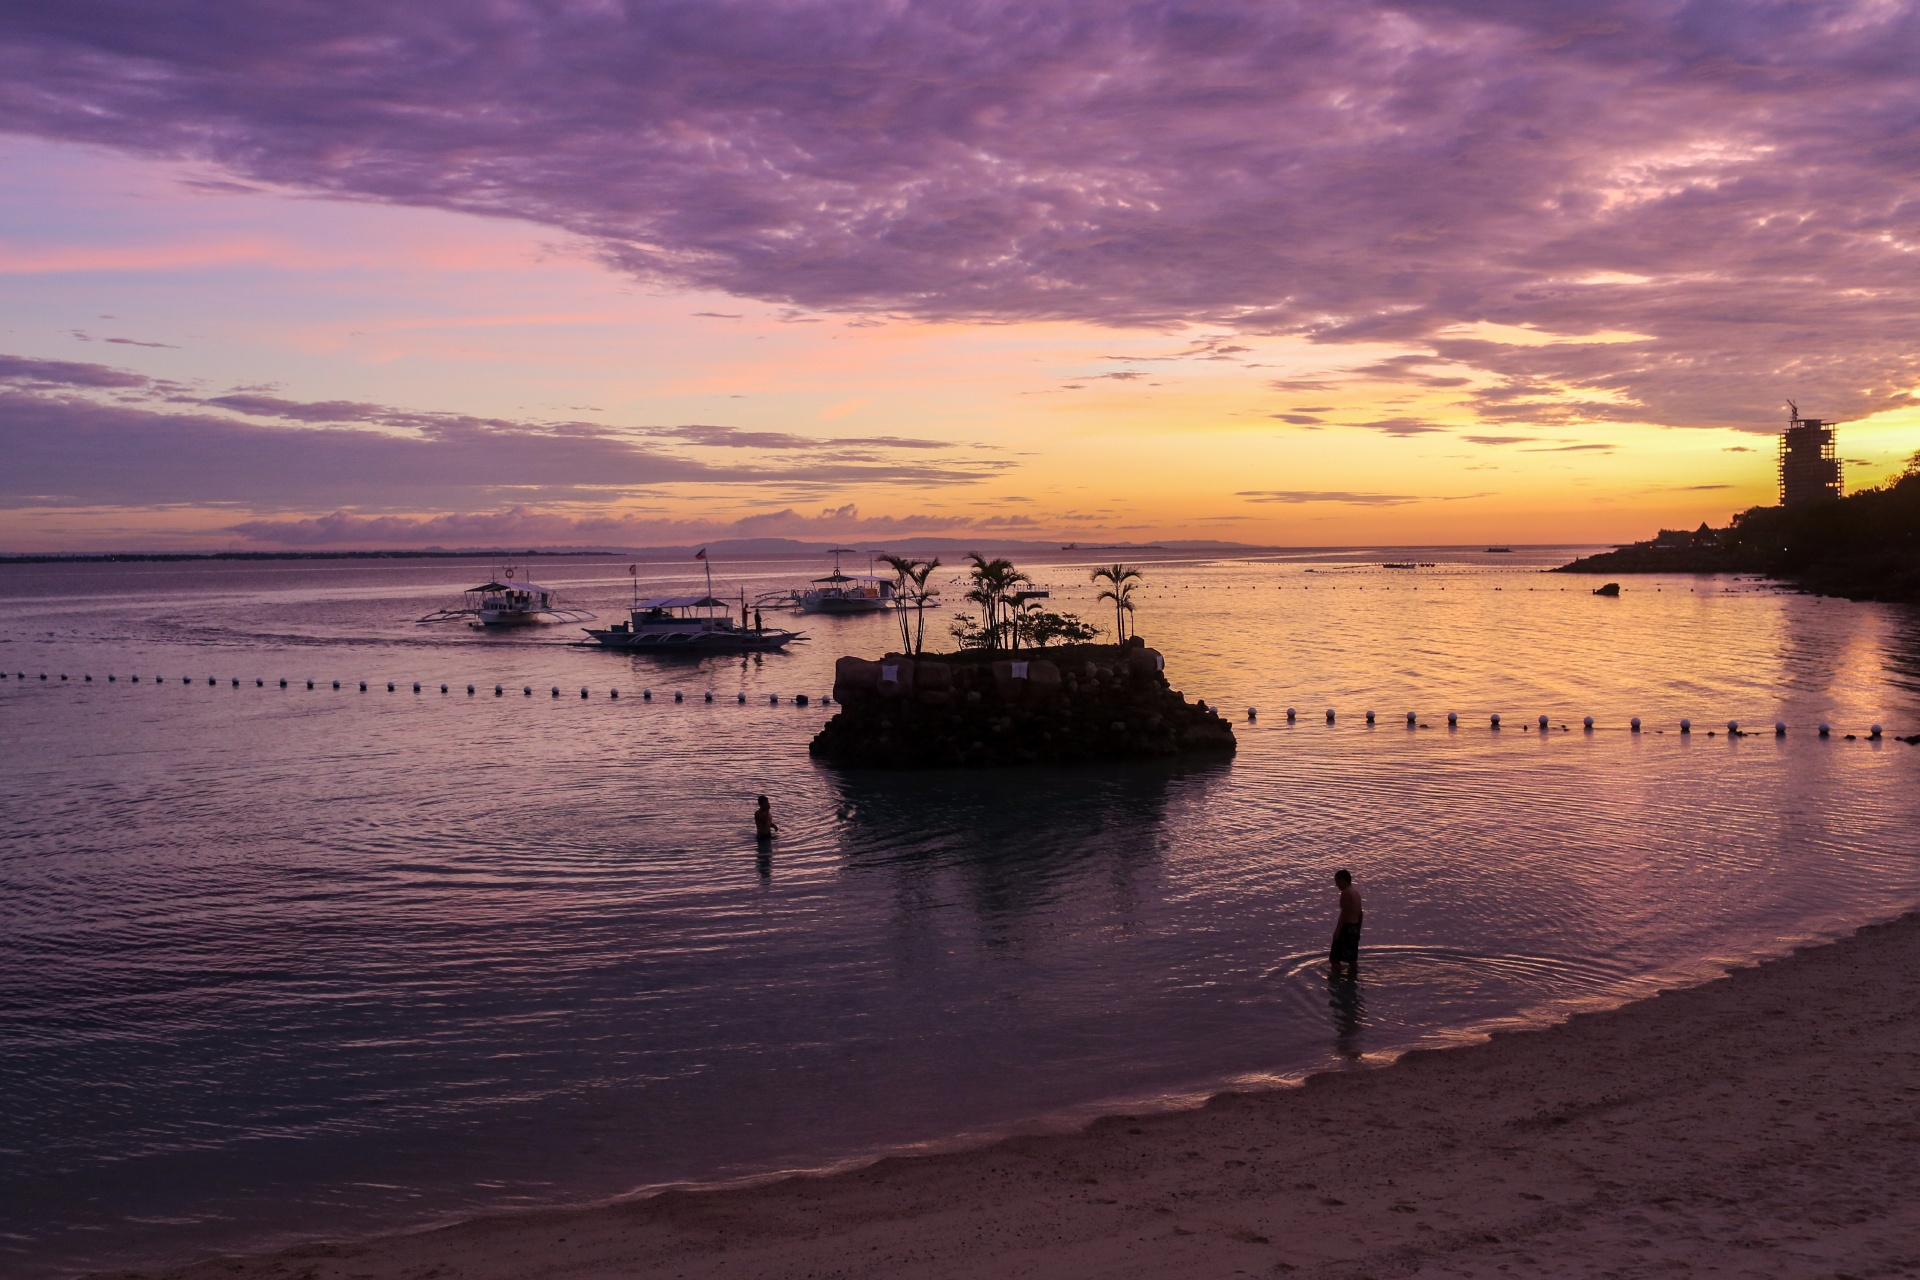 セブ島の夕暮れの風景 フィリピンの風景